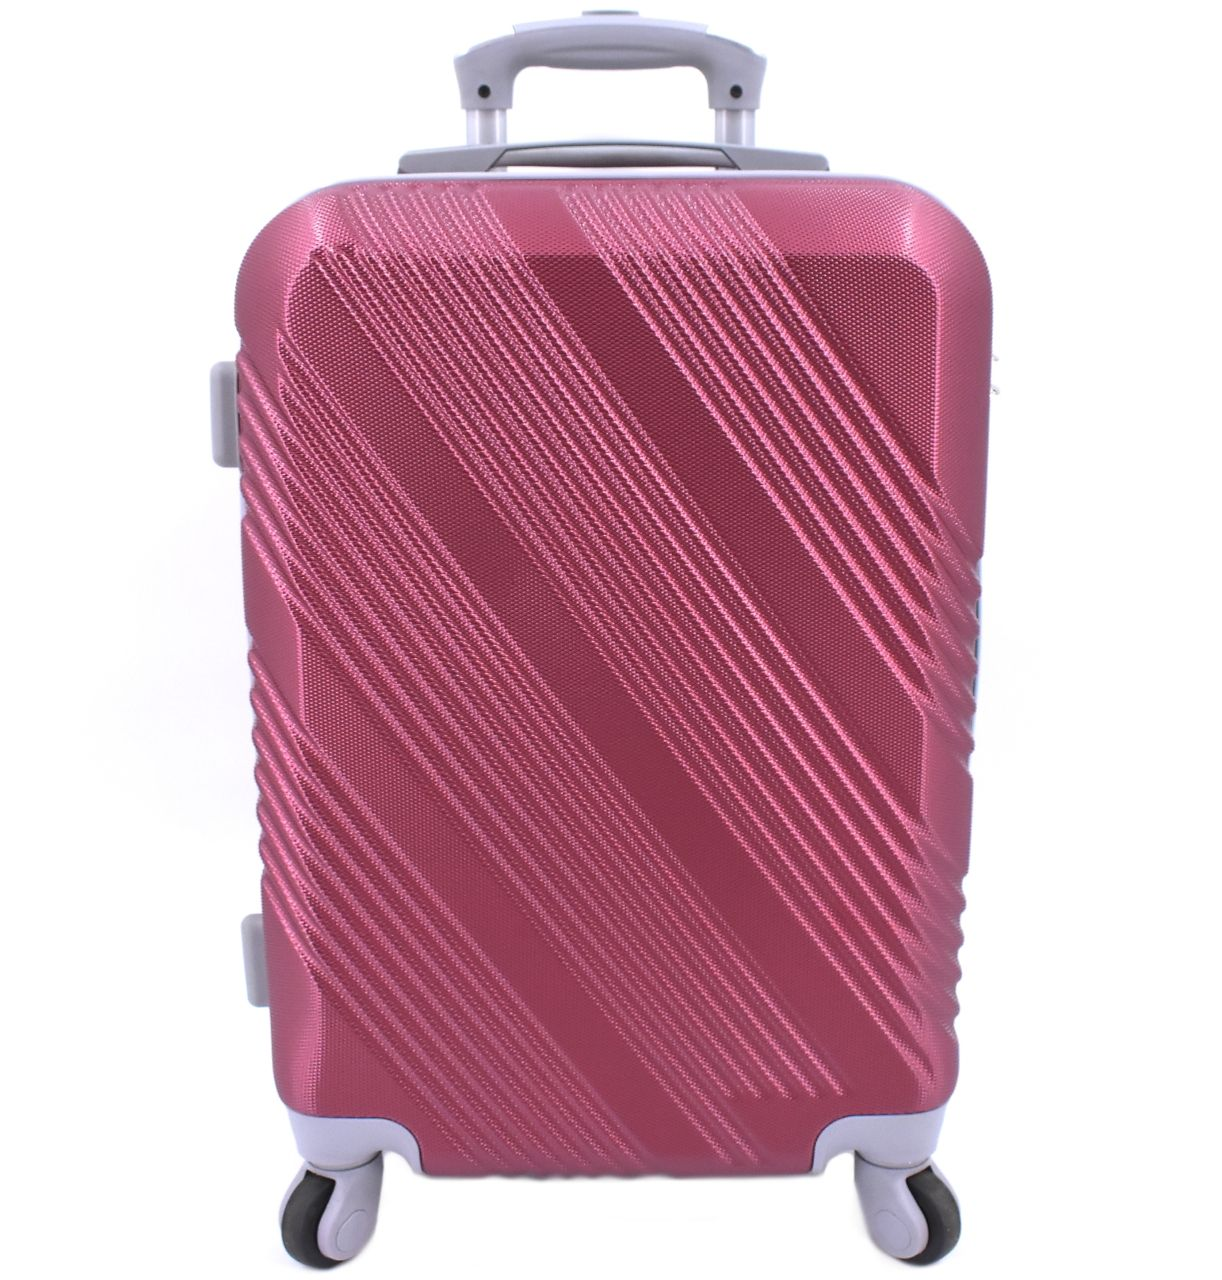 Cestovní palubní kufr Arteddy / 4 kolečka - vínová (S) 40l